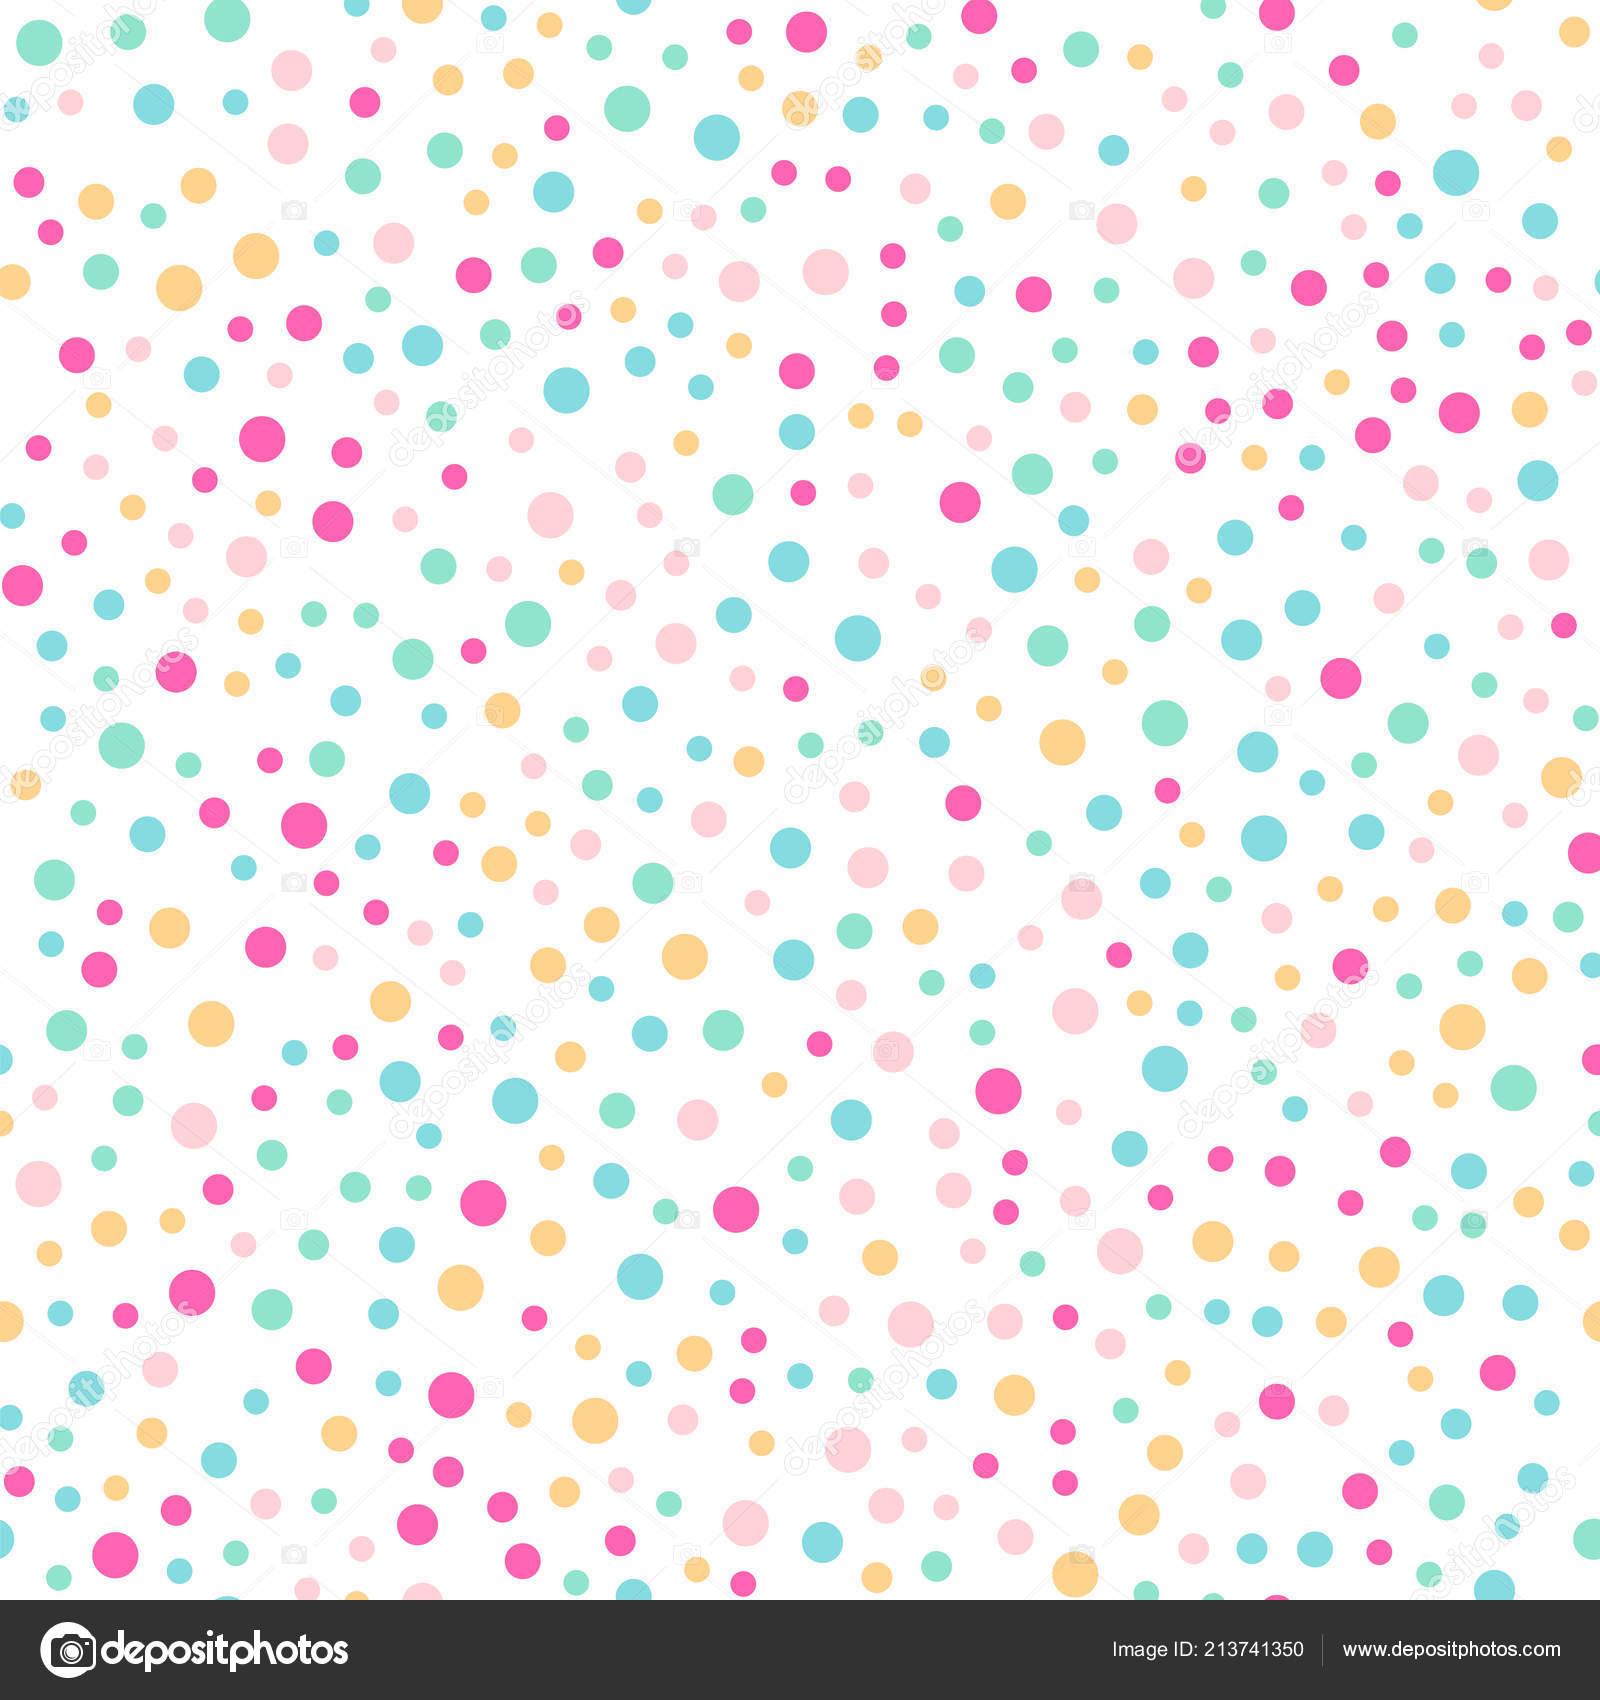 3374ef57a9 Bolinhas coloridas sem costura padrão em branco 3 fundo Ideal ...